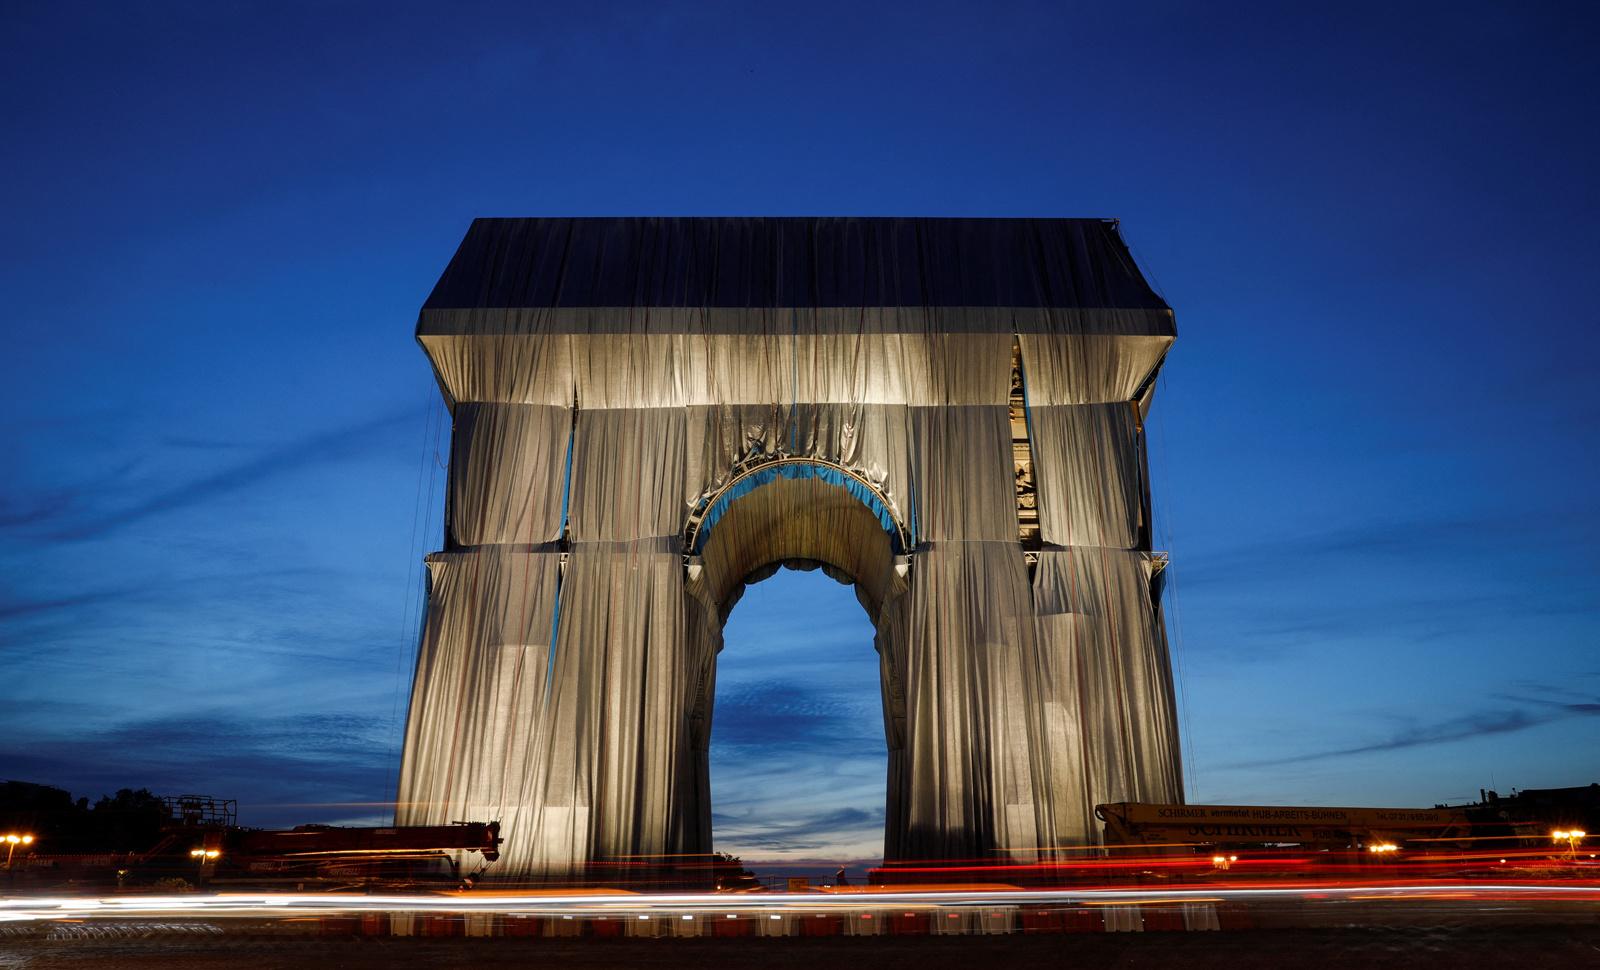 L'Arc de Triomphe empaqueté par Christo, Belga Images